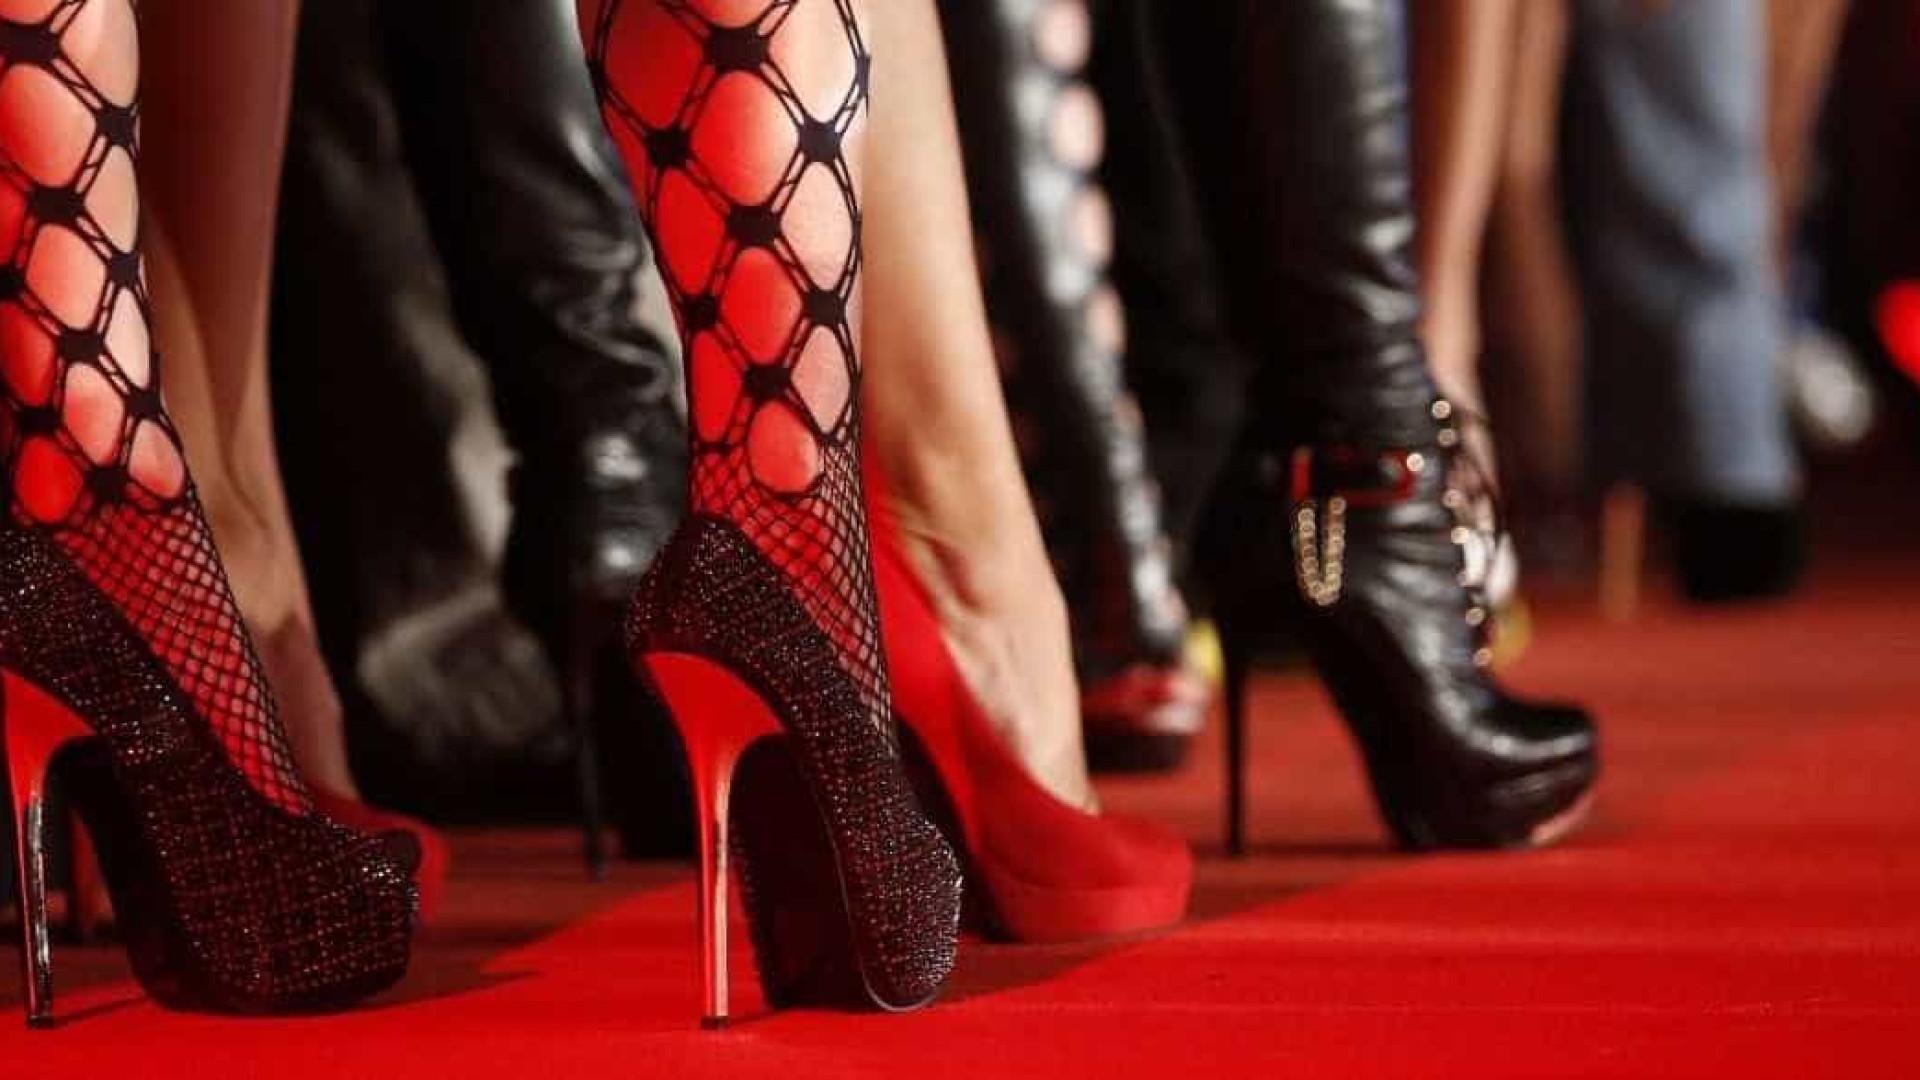 Polícia descobre rede de prostituição que rendia R$ 50 mil por mês